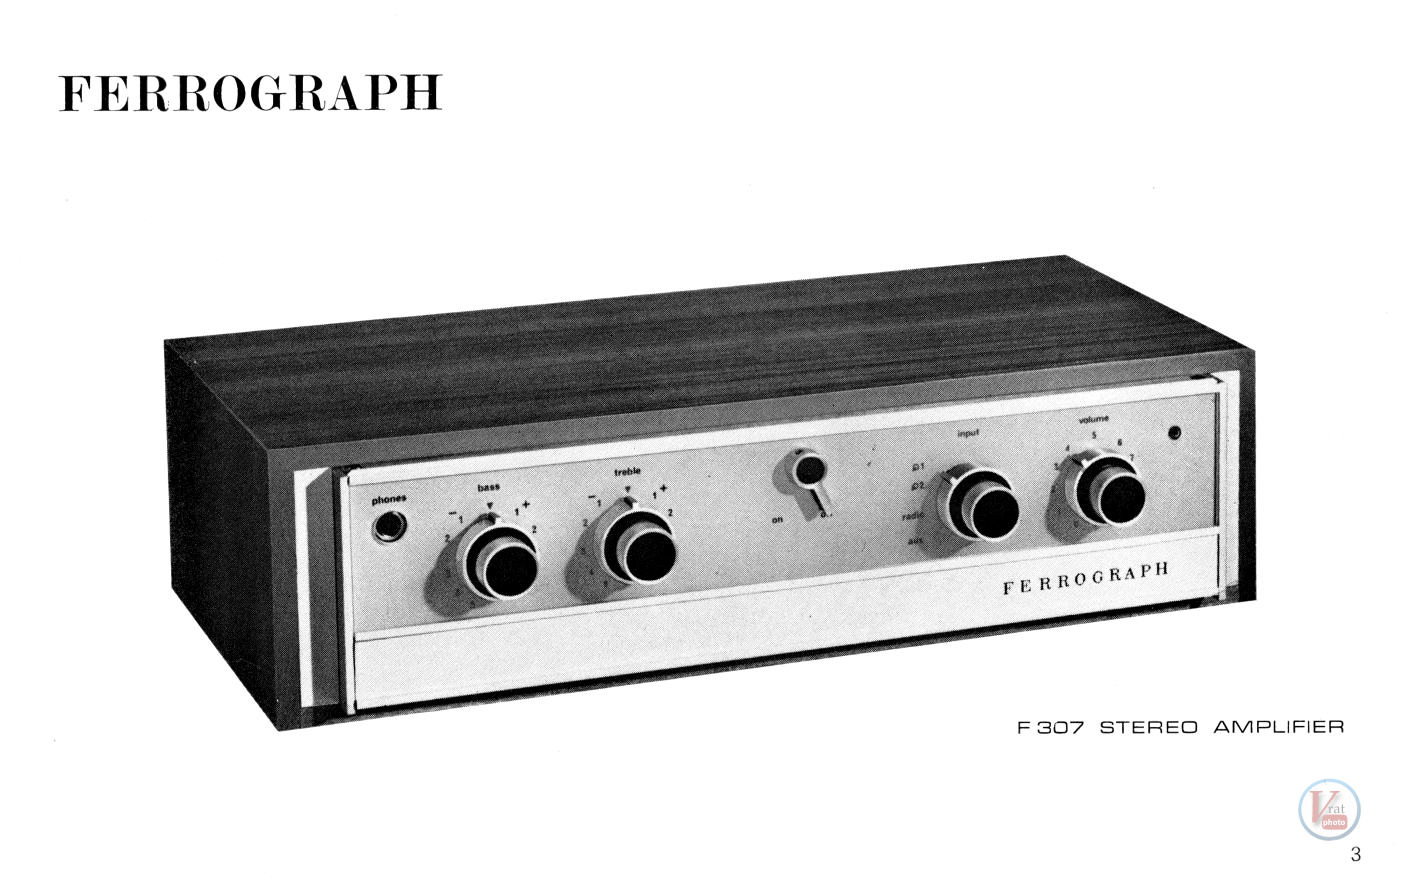 Ferrograph F307 MK.II 32